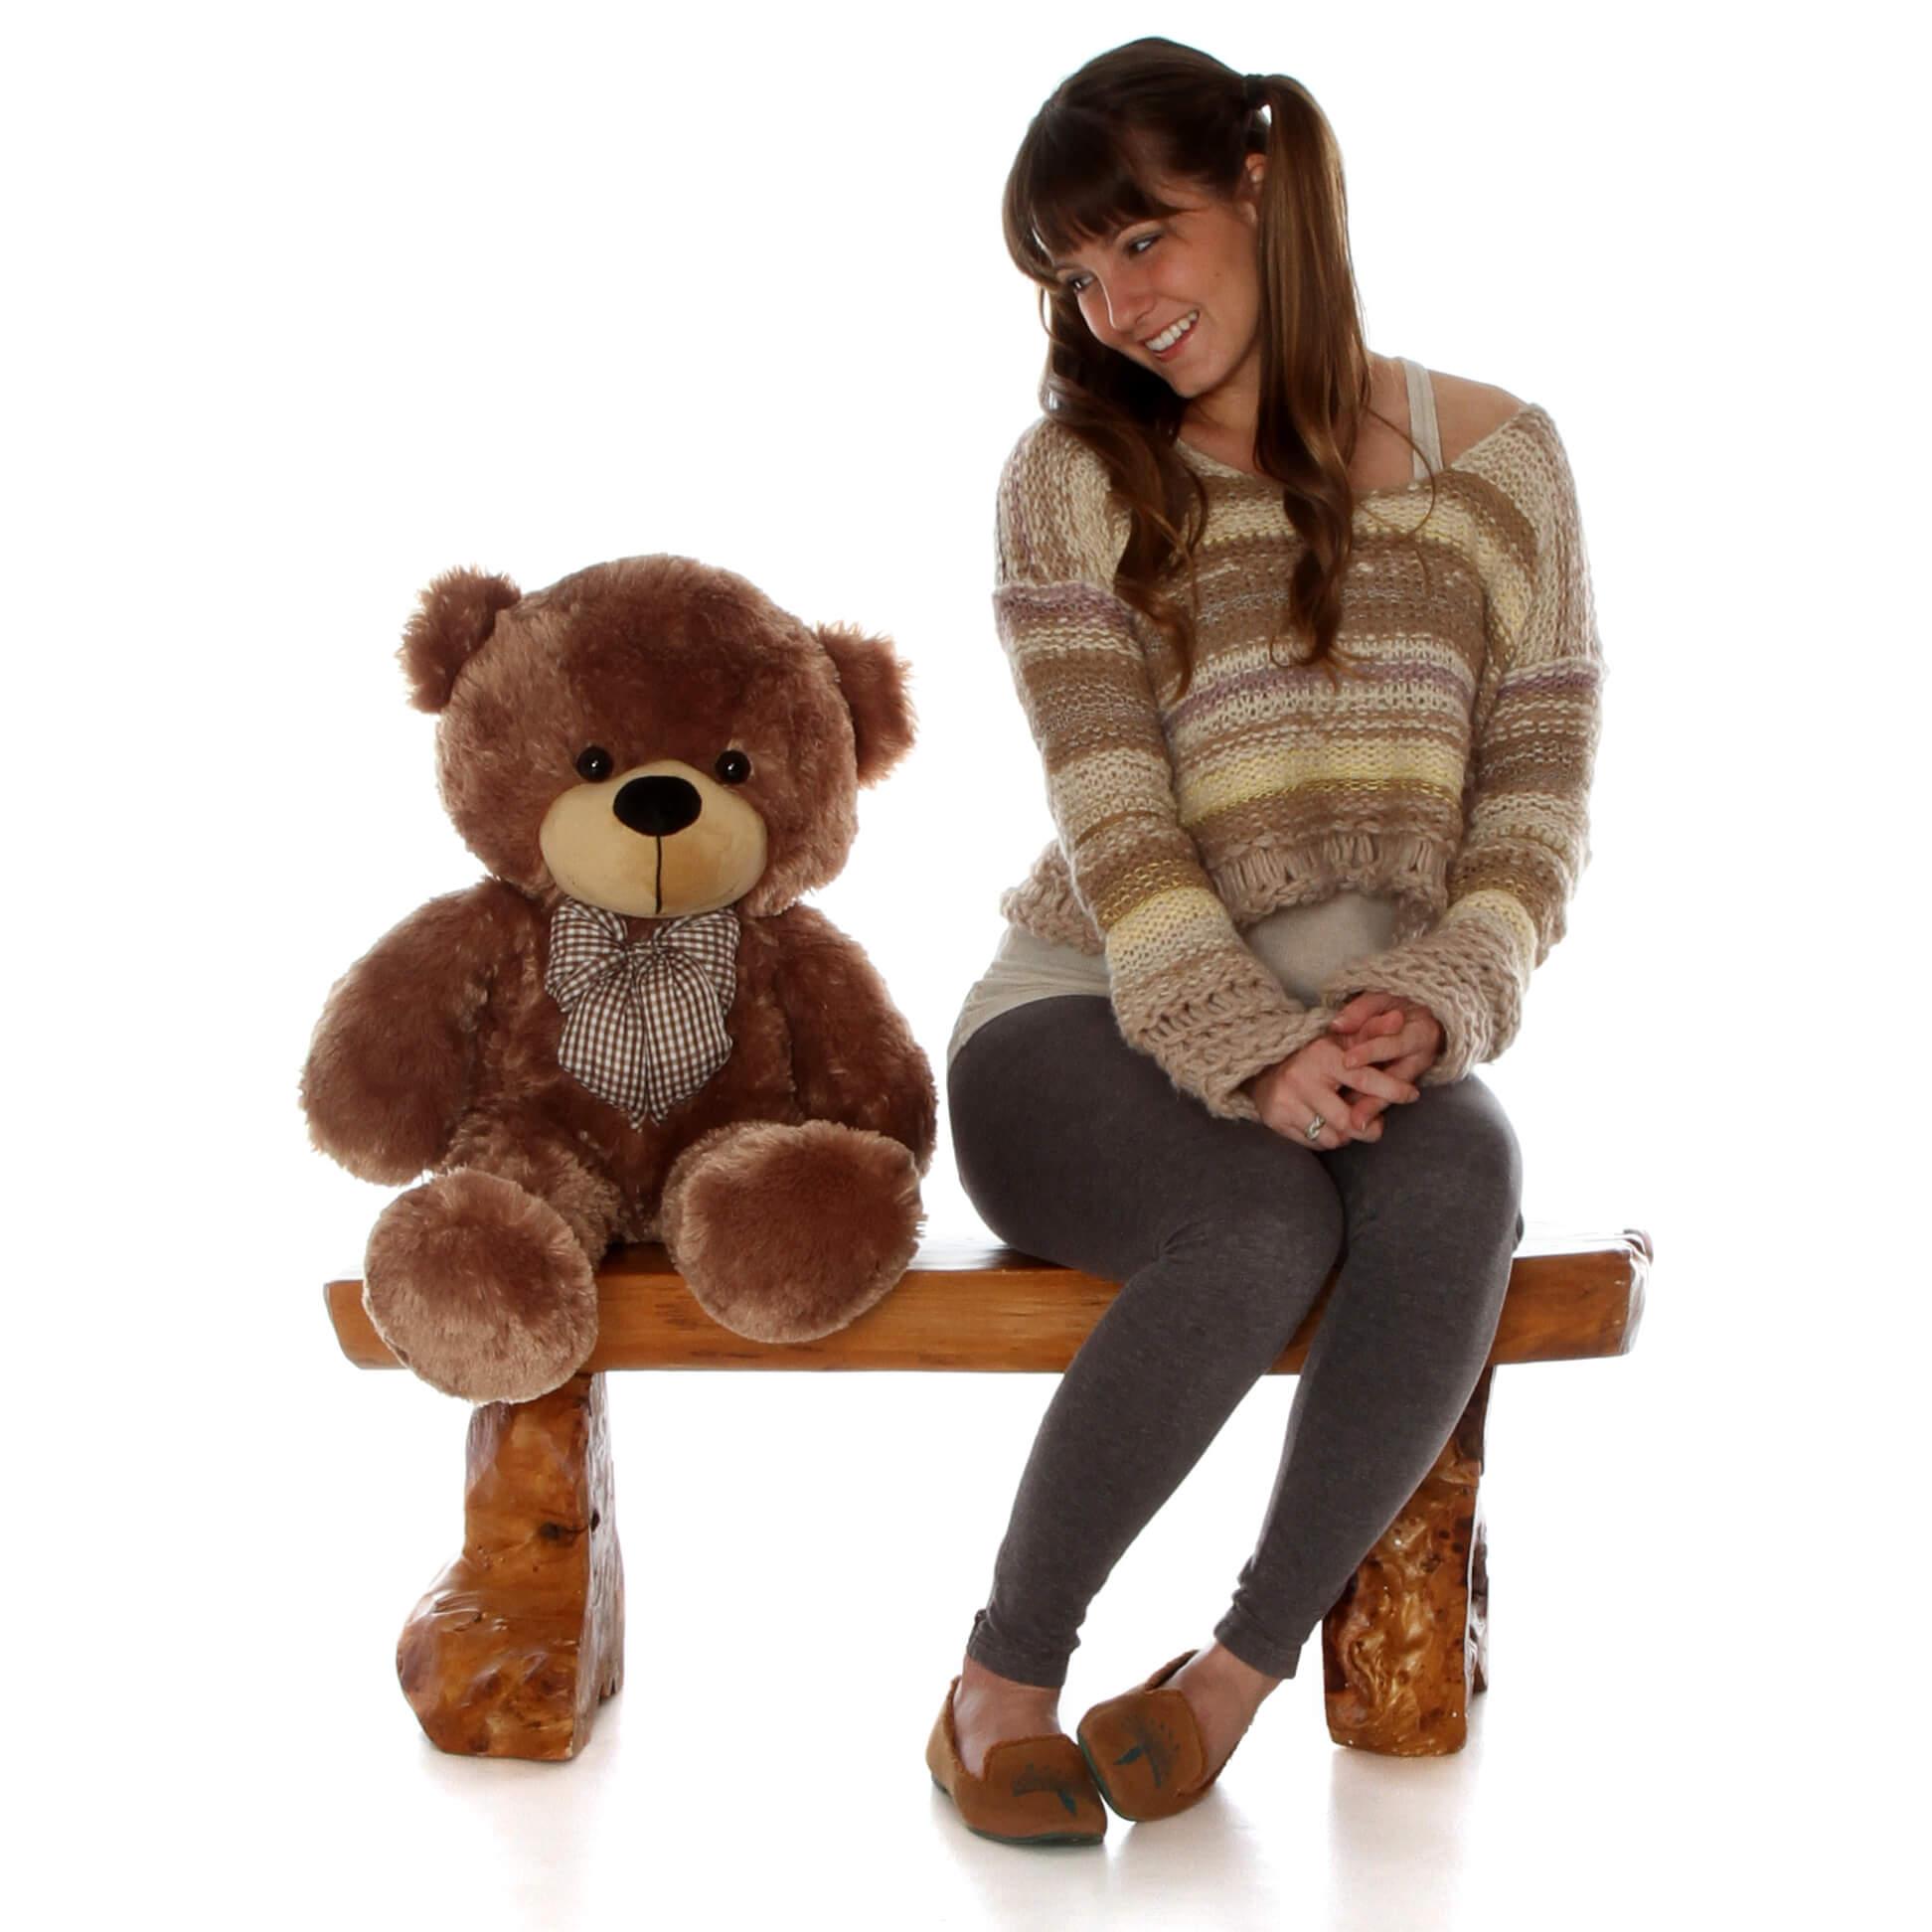 30in-sunny-cuddles-mocha-brown-teddy-bear-1.jpg